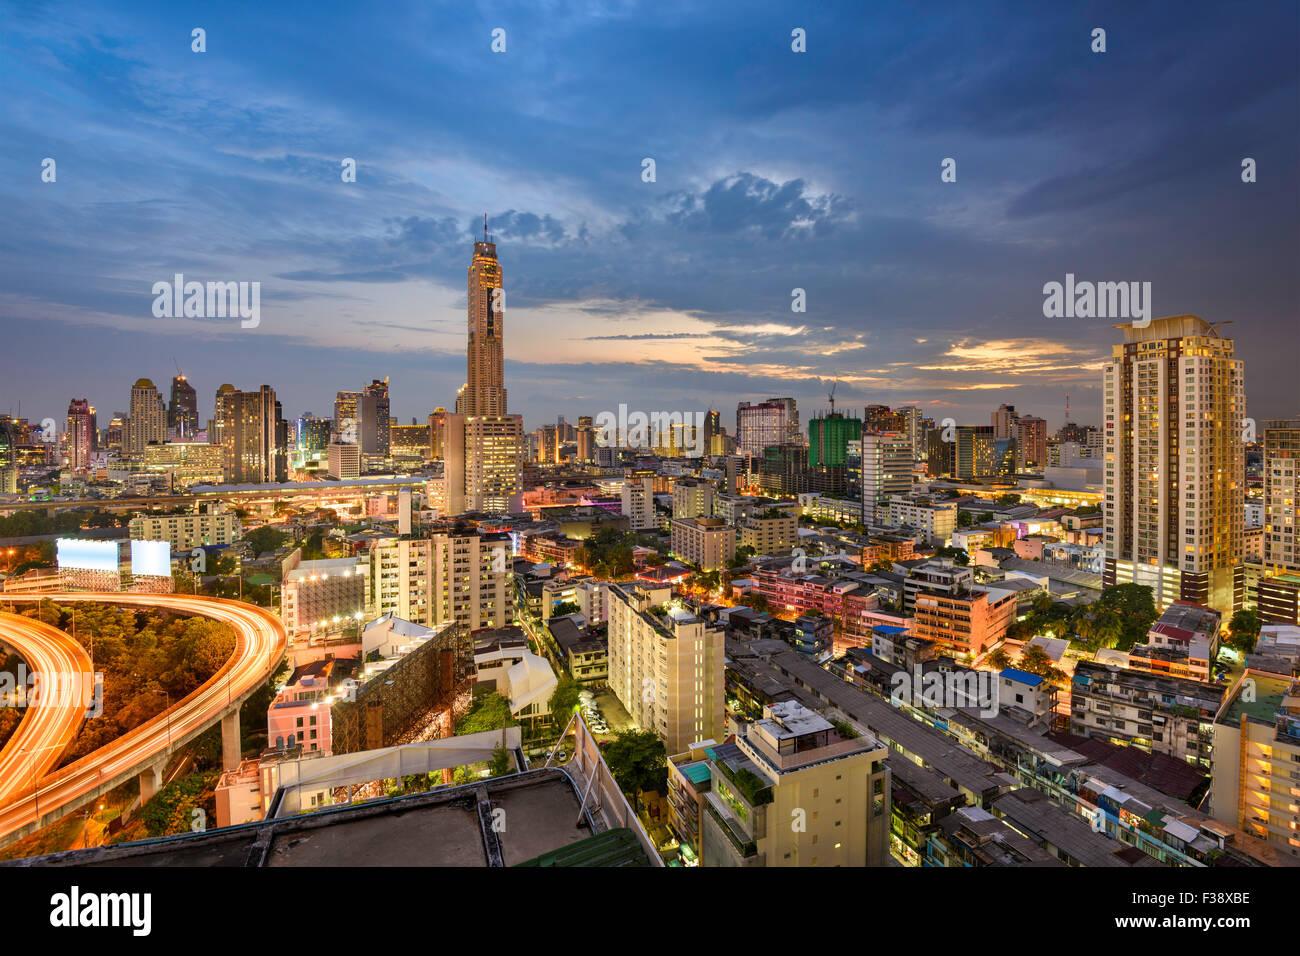 Bangkok, Thailand, city skyline. - Stock Image